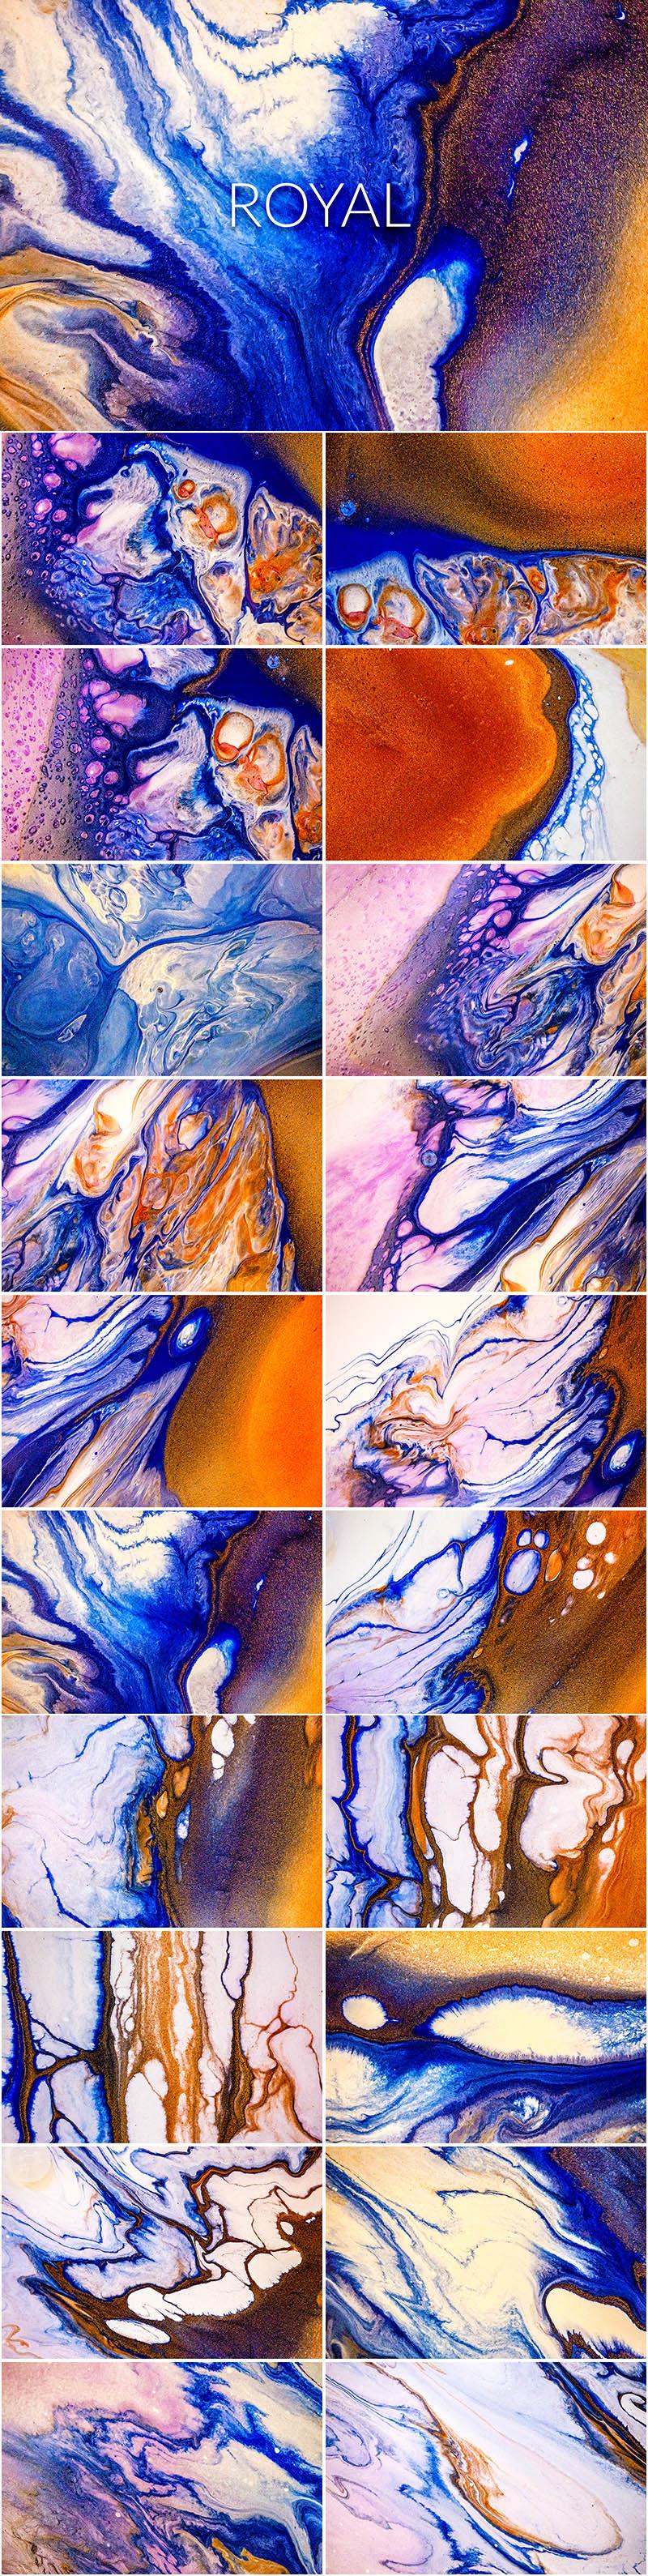 750+ Best Liquid Paint Backgrounds in 2020 - Liquid Paint Royal PREVIEW min